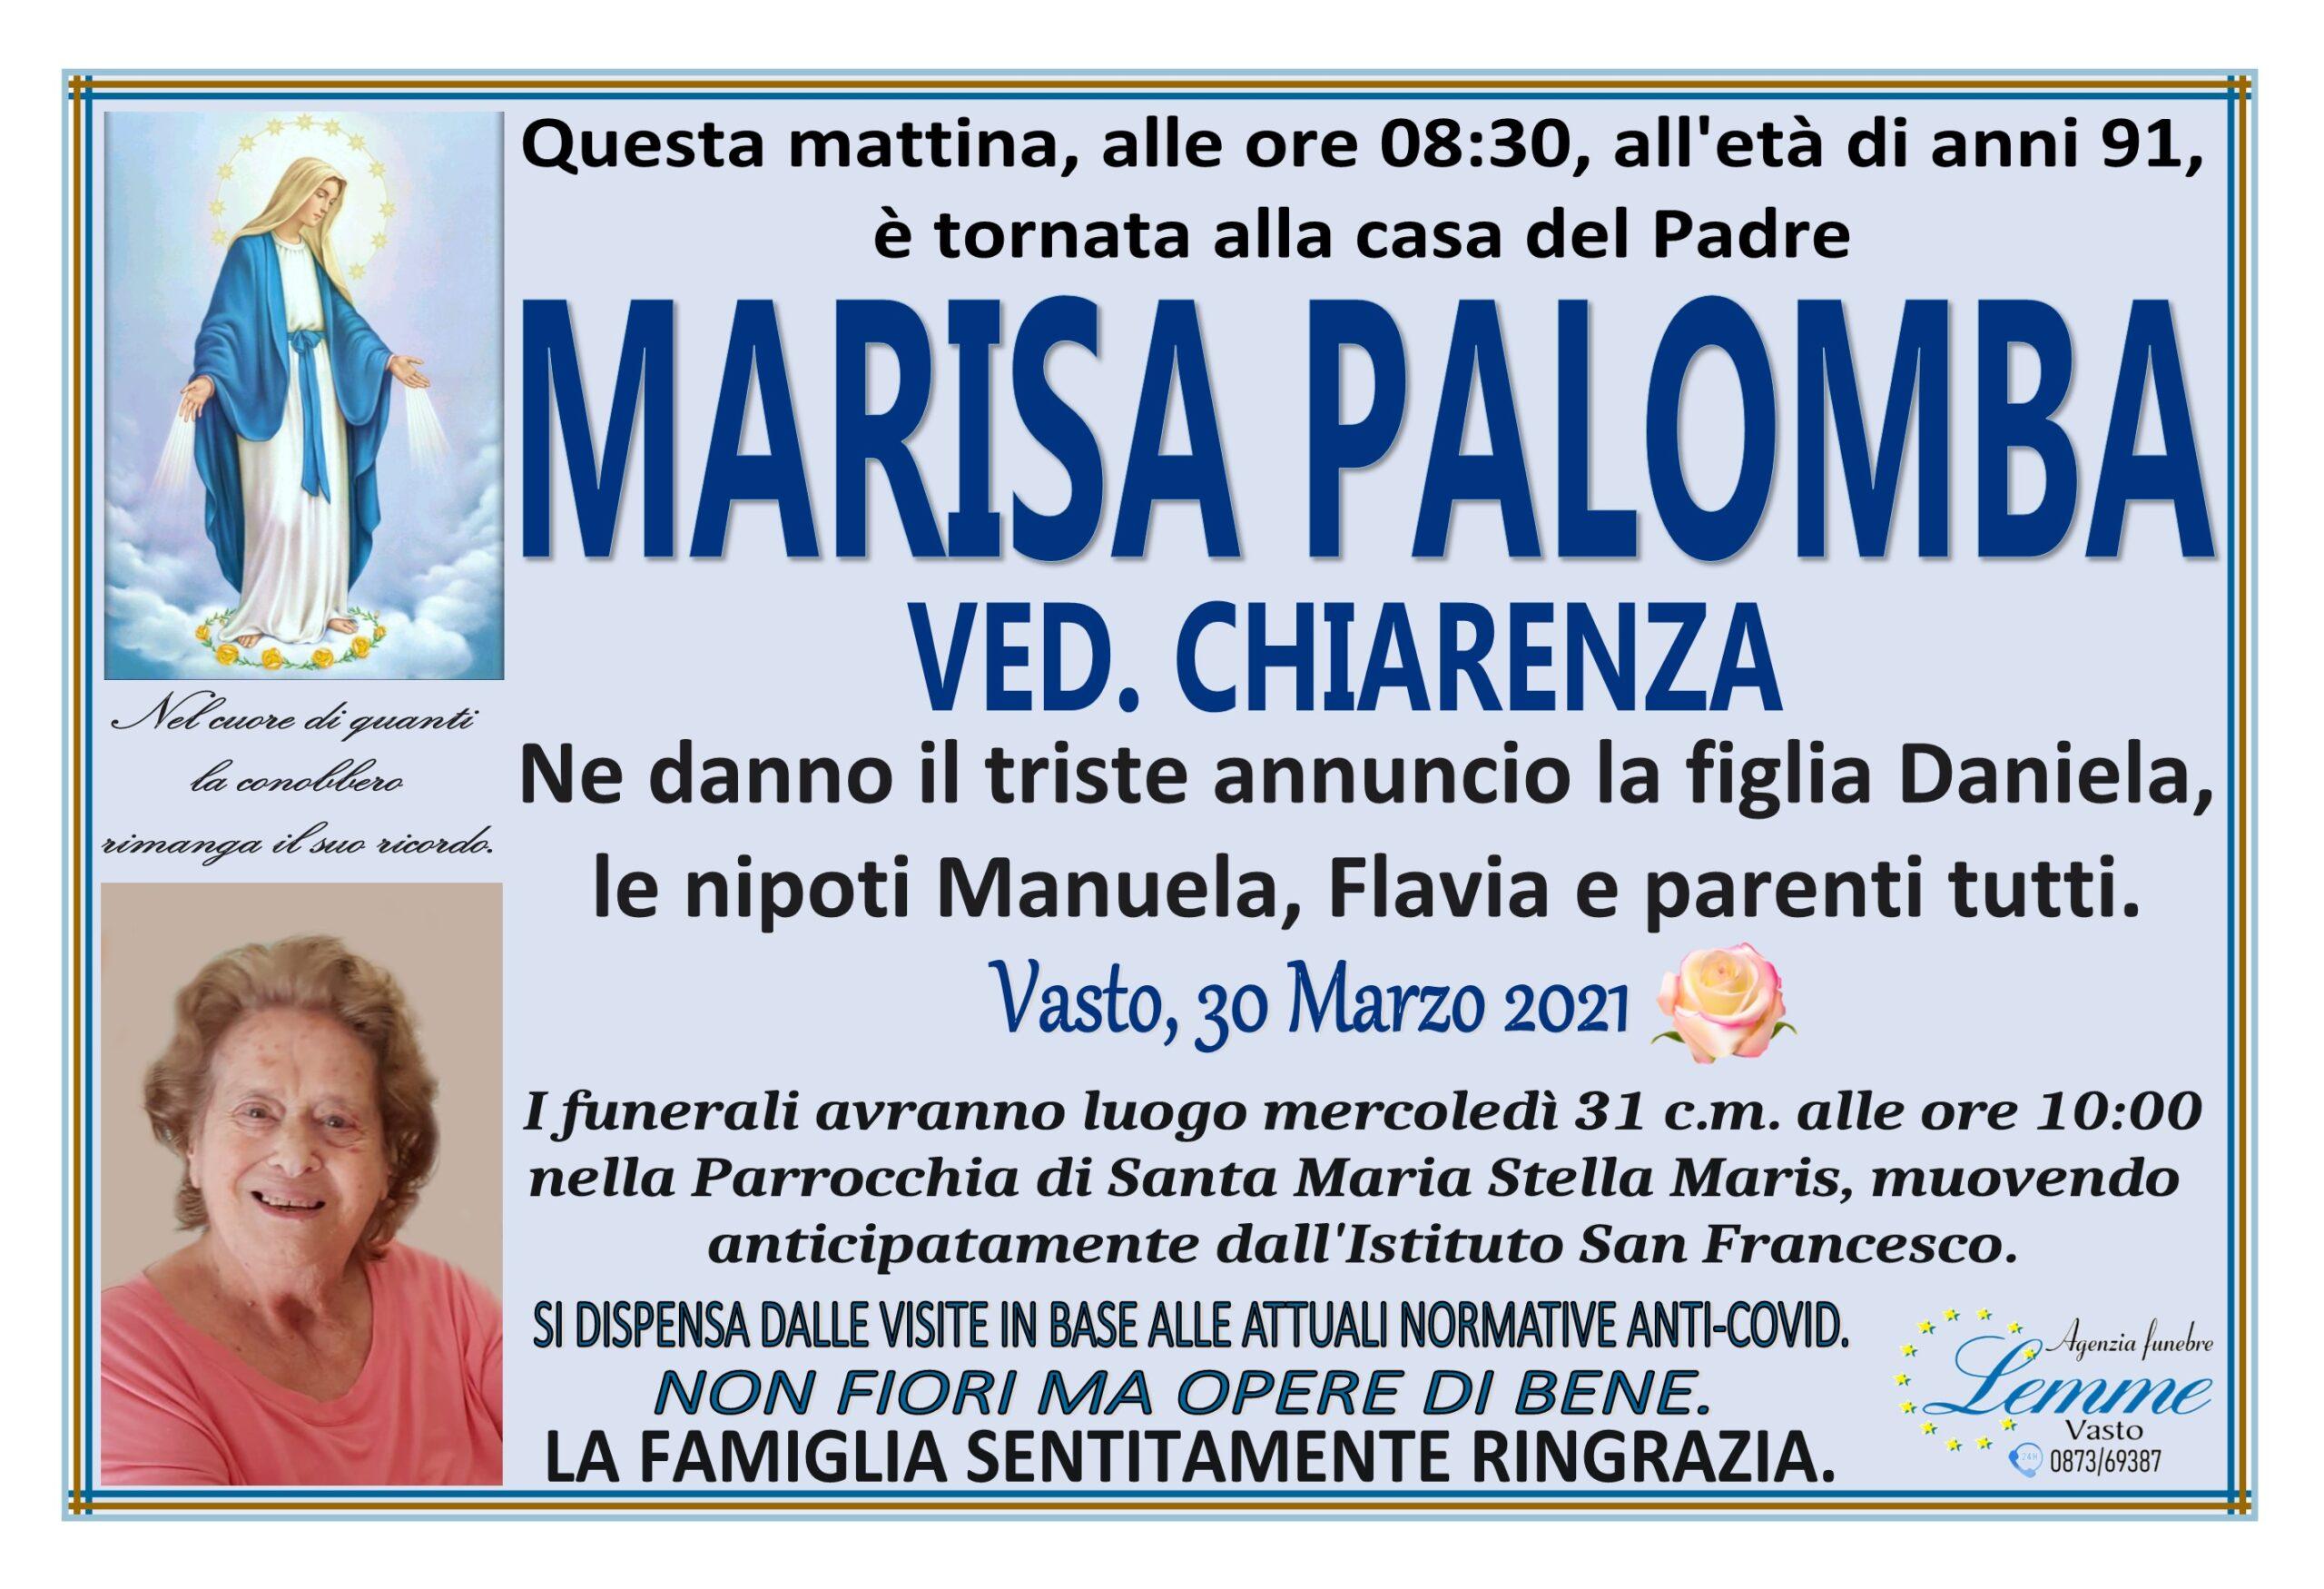 MARISA PALOMBA